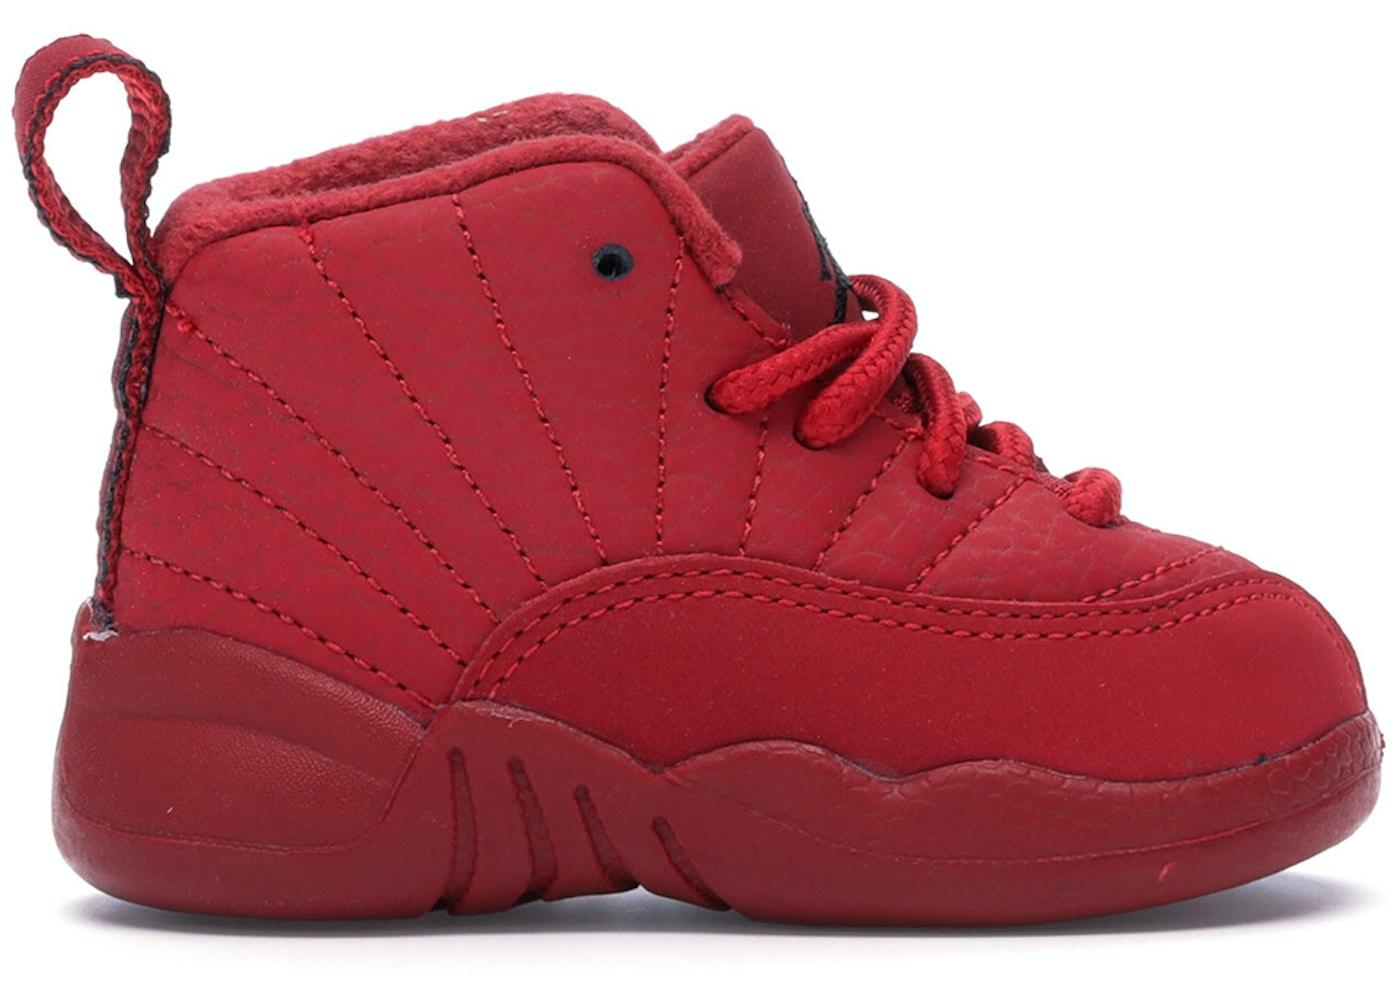 promo code 24b4e 000c8 Jordan 12 Retro Gym Red 2018 (TD)